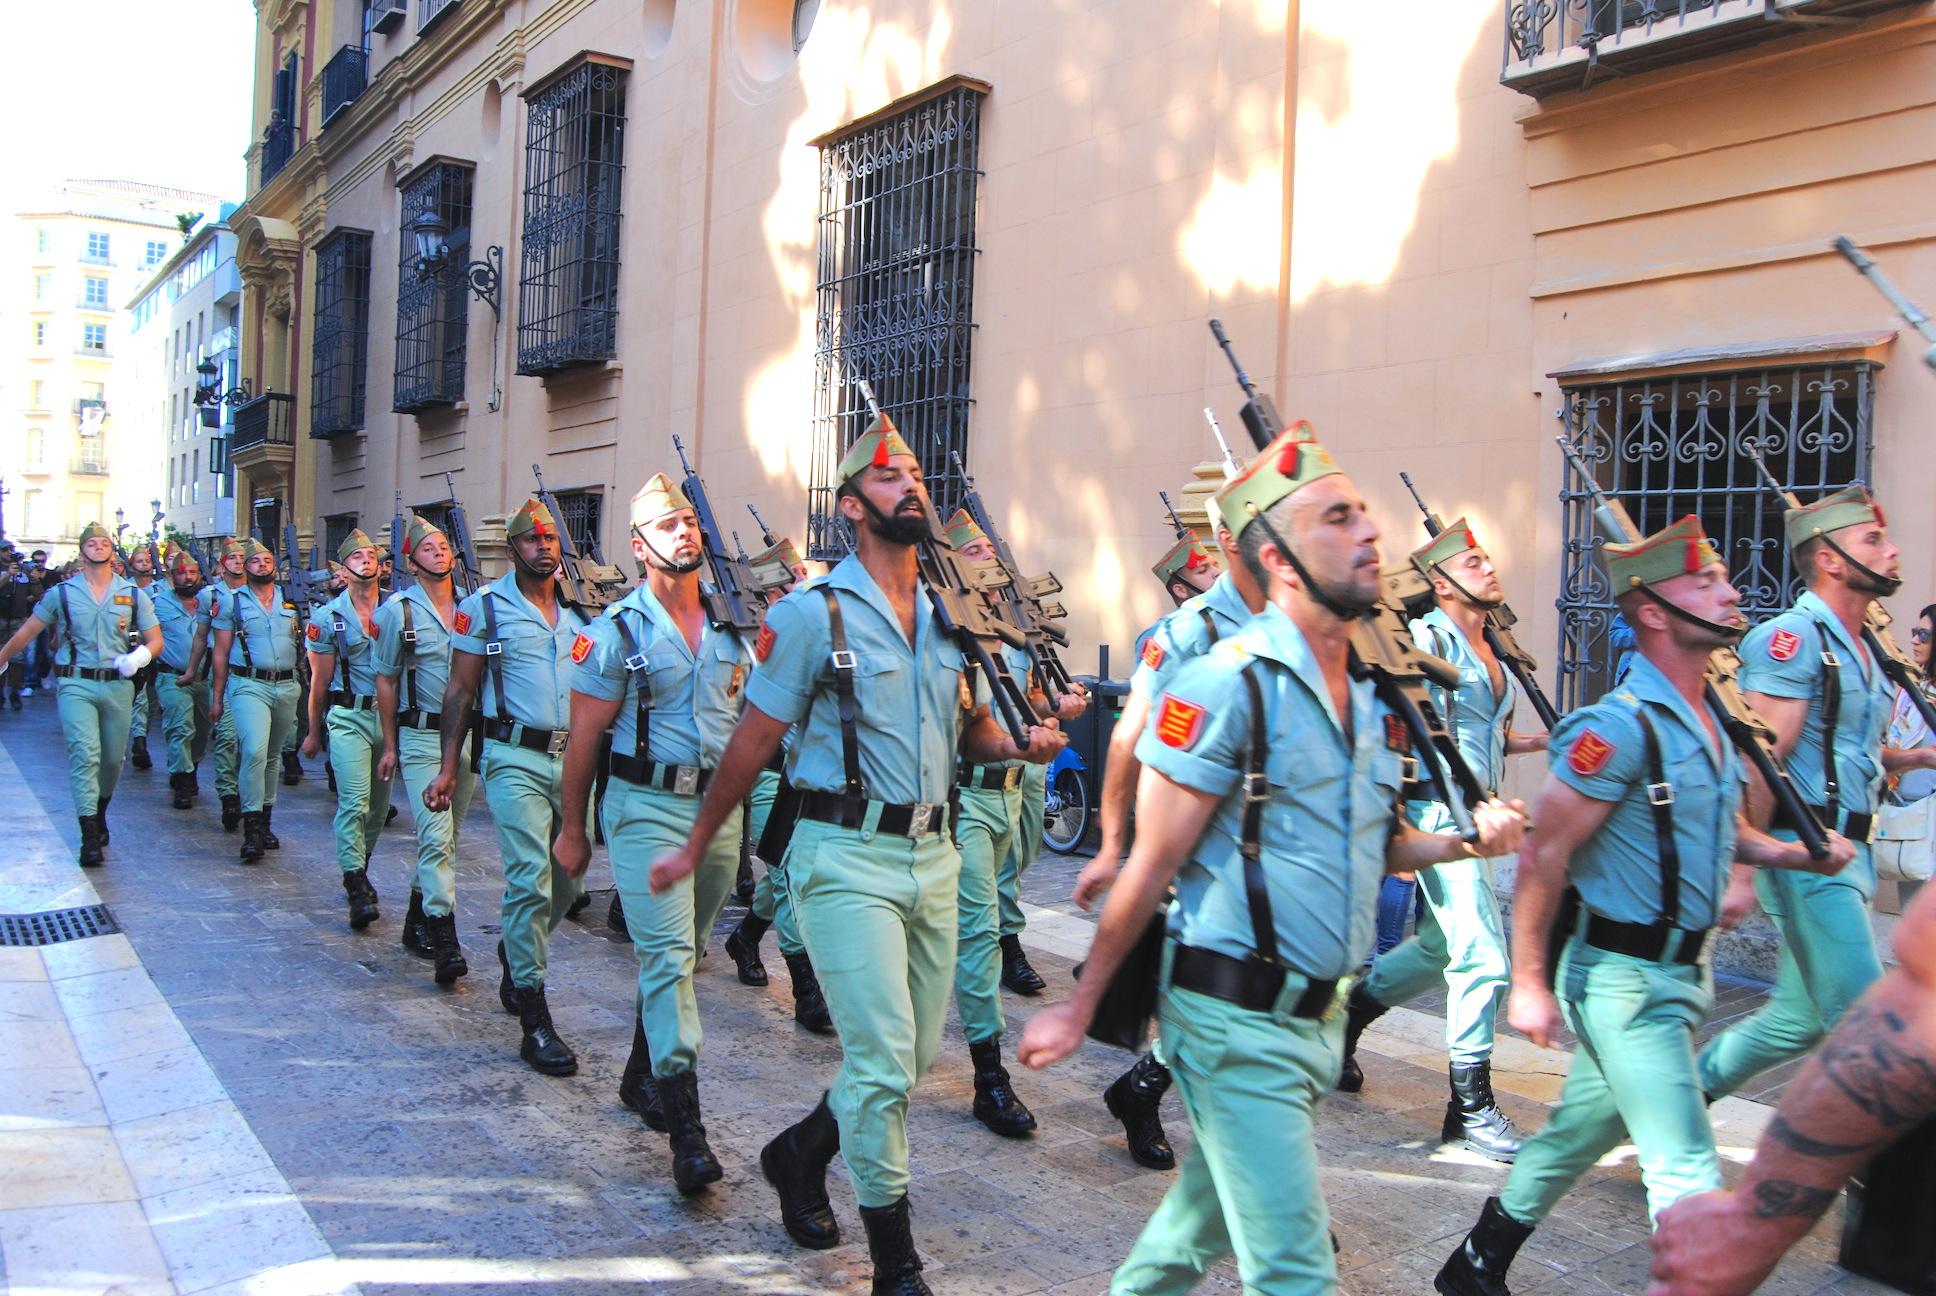 jueves santo malaga legión